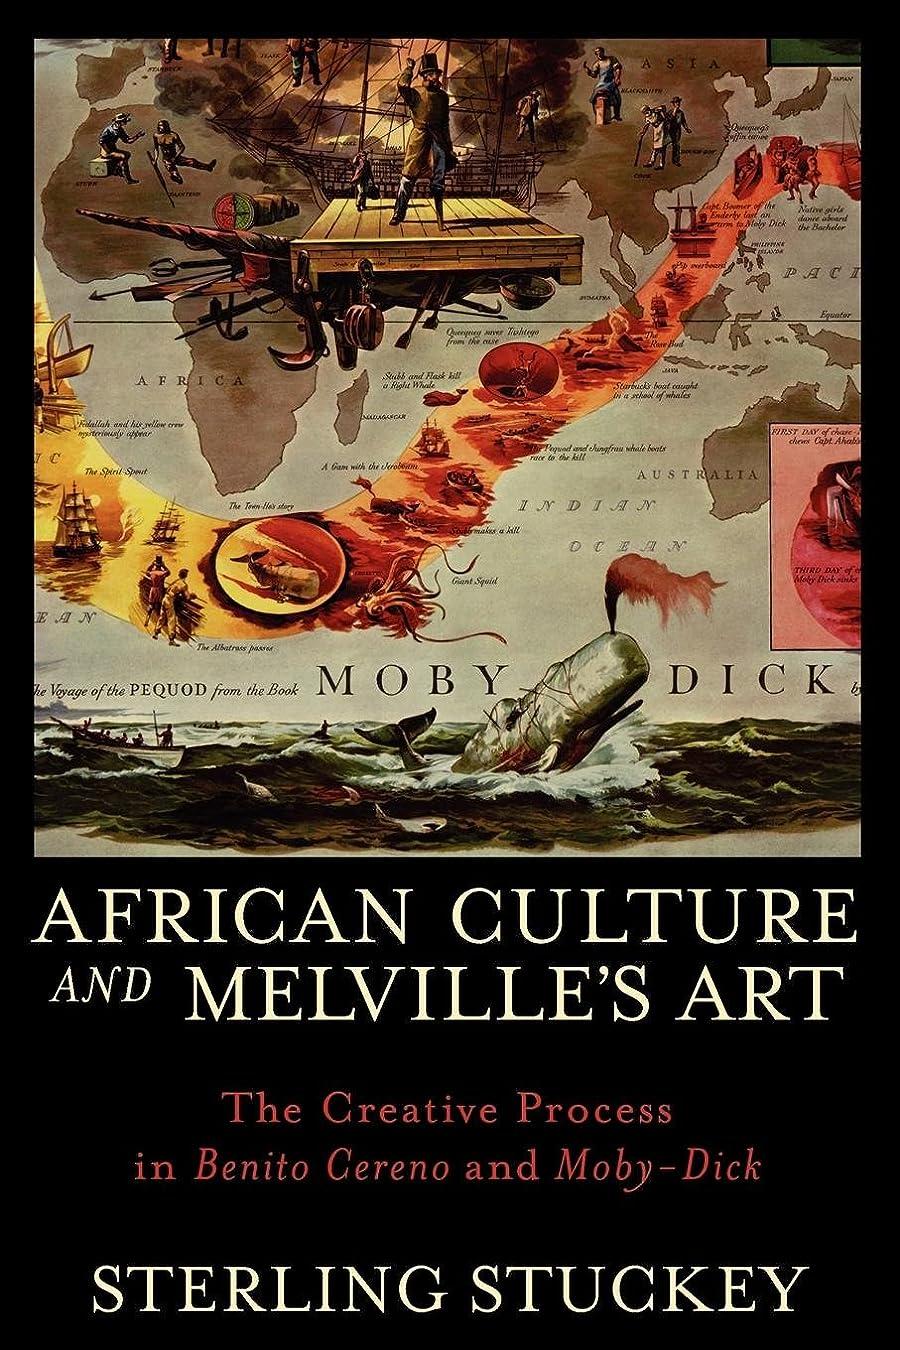 プール評判しないでくださいAfrican Culture and Melville's Art: The Creative Process in Benito Cereno and Moby-Dick